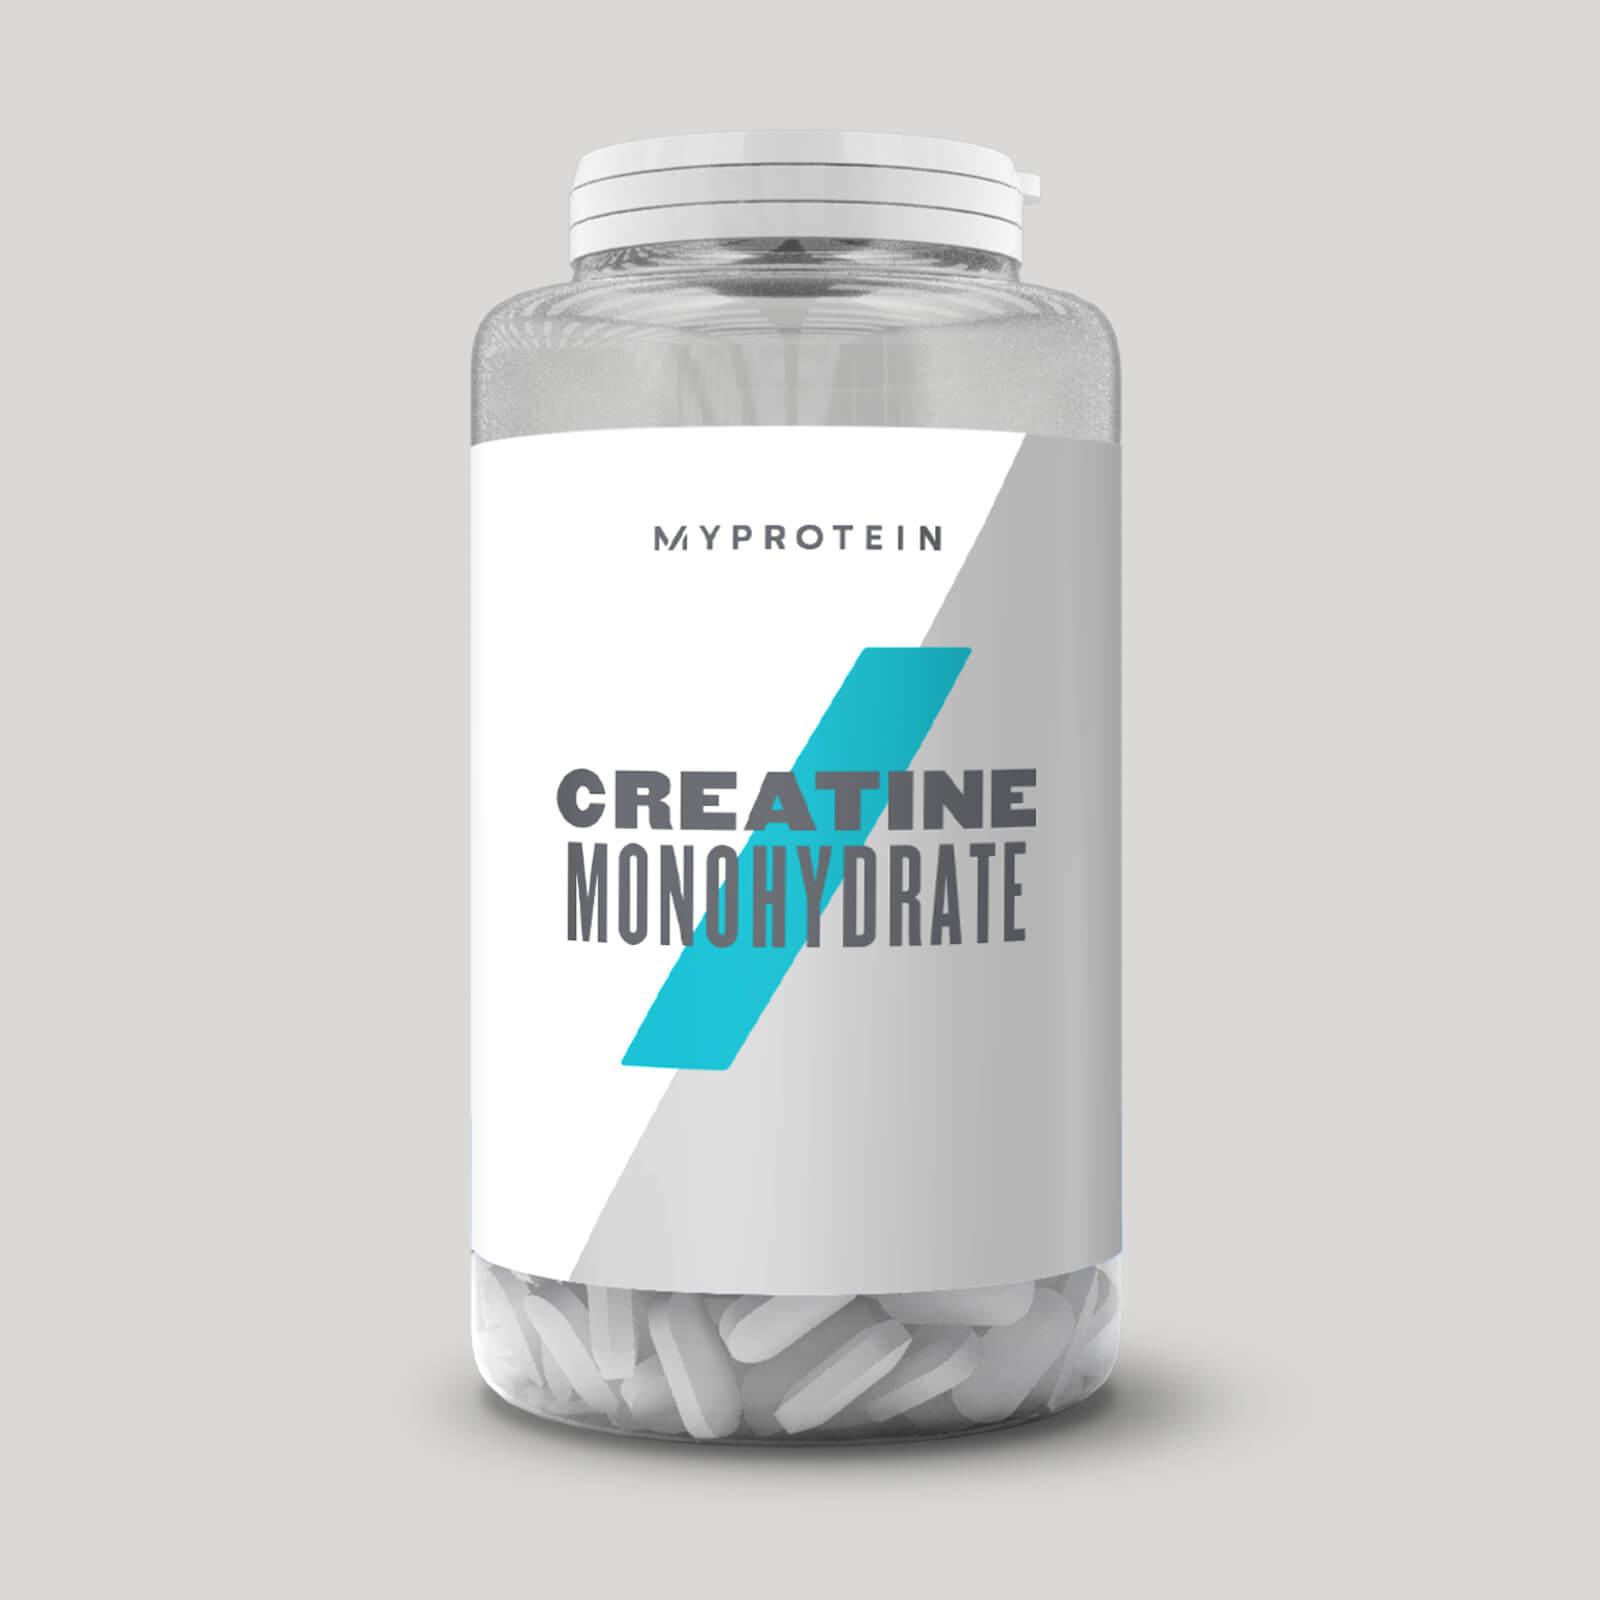 MyProtein Creatine Monohydrate.jpg